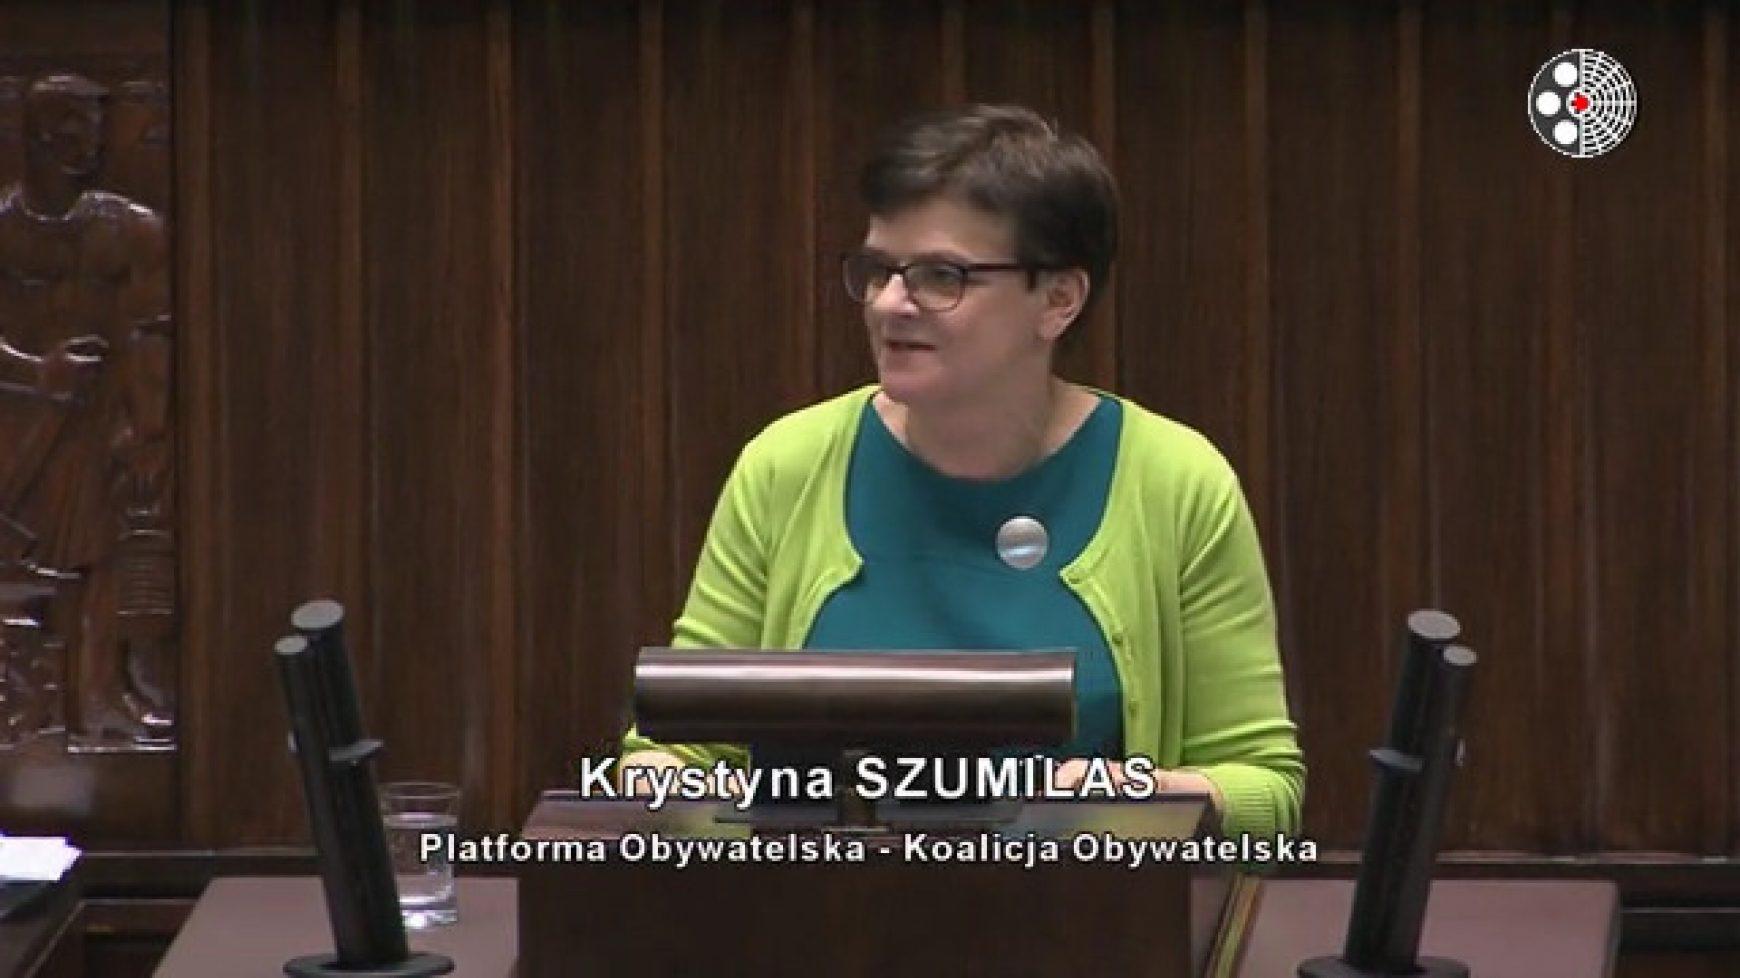 Wniosek o wyrażenie wotum nieufności wobec Minister Edukacji Narodowej